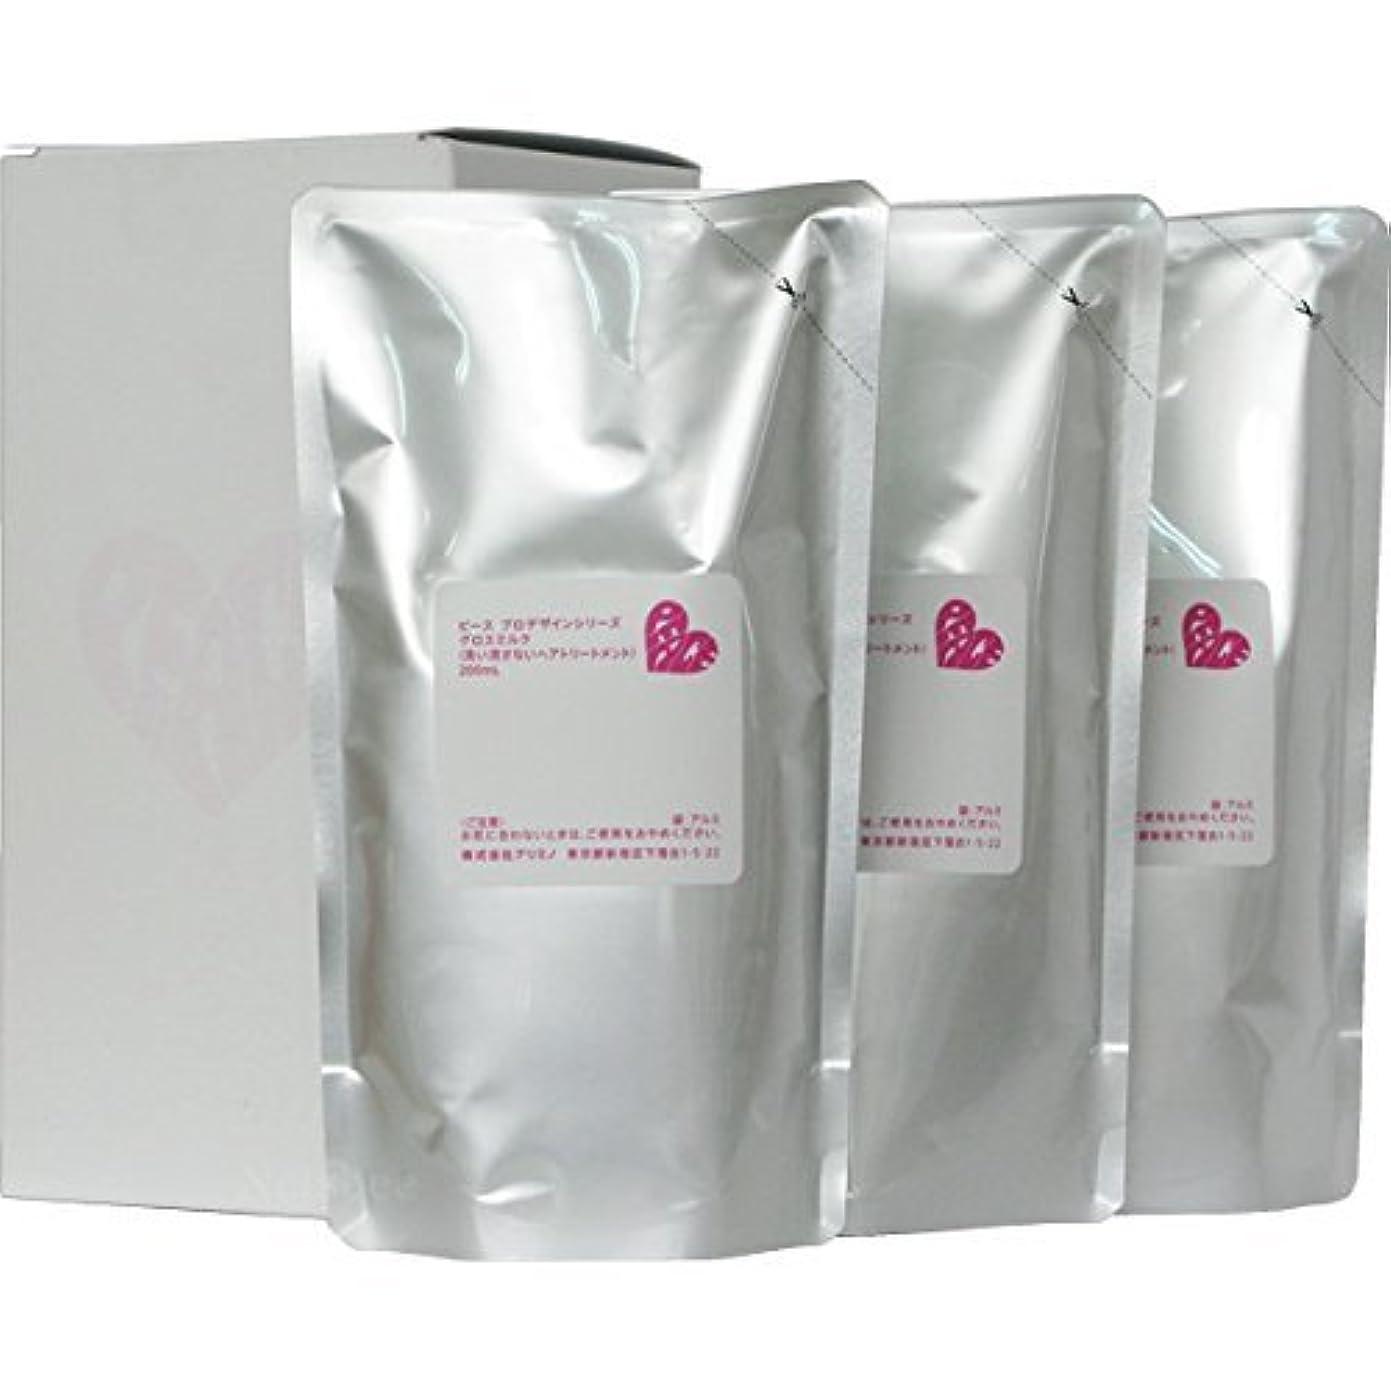 副産物数学的なトリムピース プロデザインシリーズ グロスミルク ホワイト リフィル 200ml×3